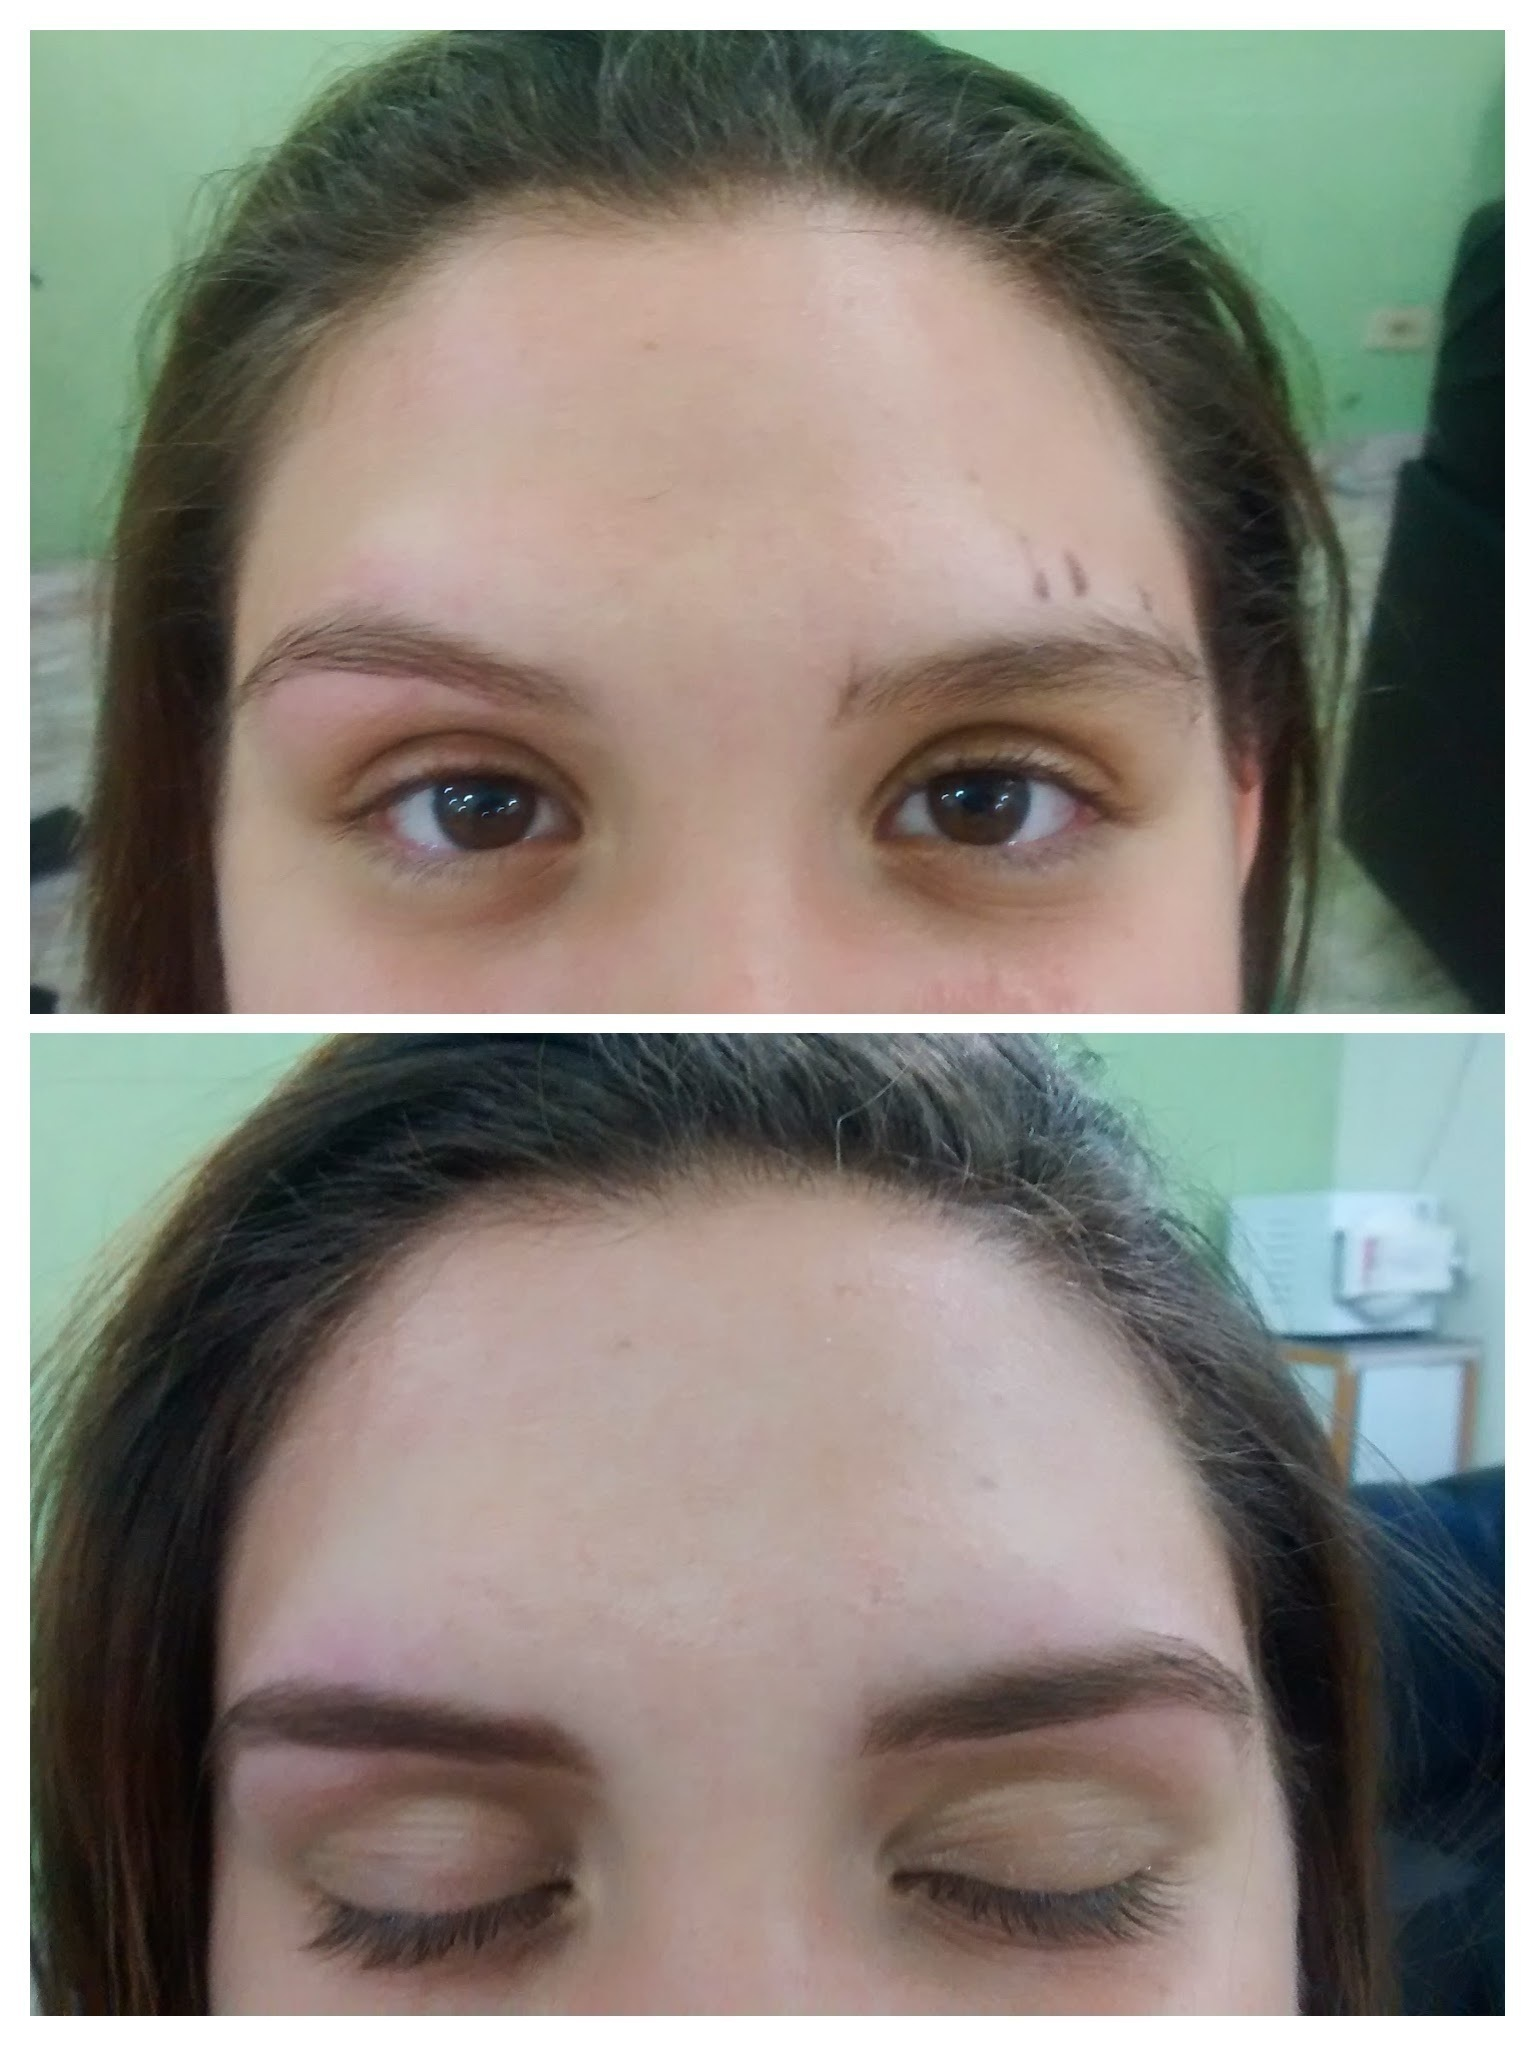 Design de Sobrancelhas Design de Sobrancelhas + Henna depilador(a) designer de sobrancelhas esteticista aromaterapeuta outros